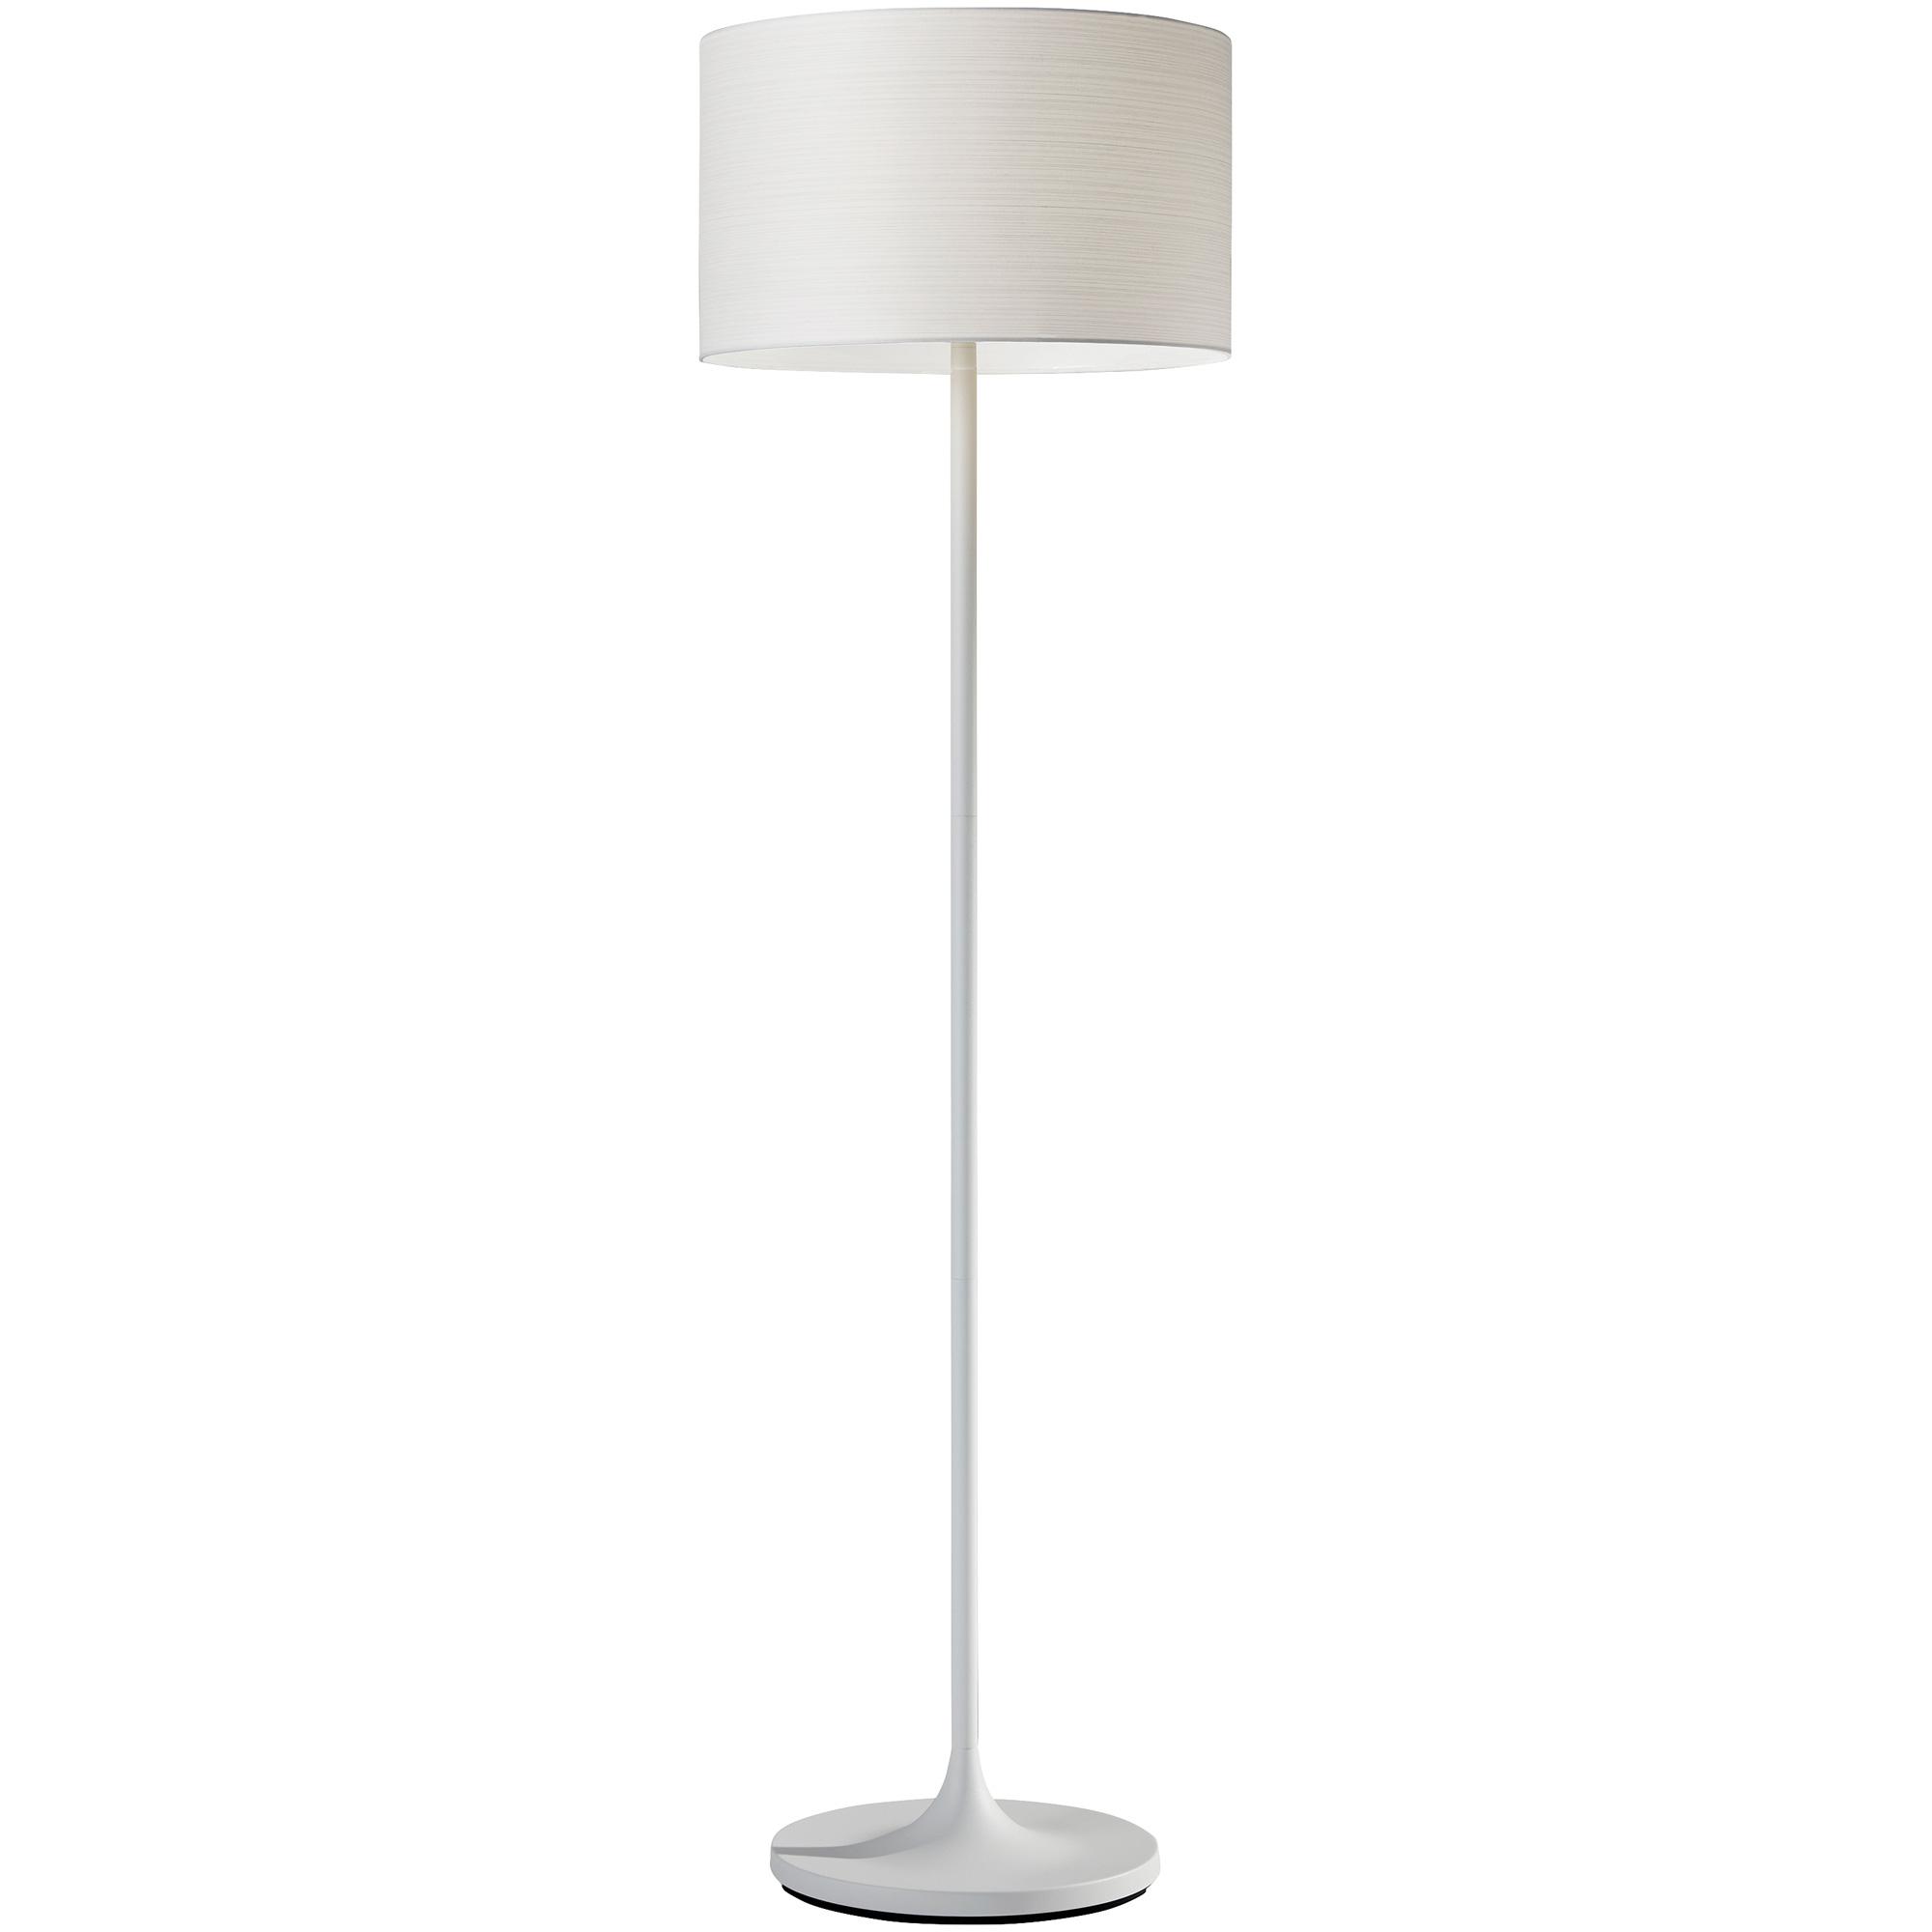 Adesso | Oslo White Floor Lamp